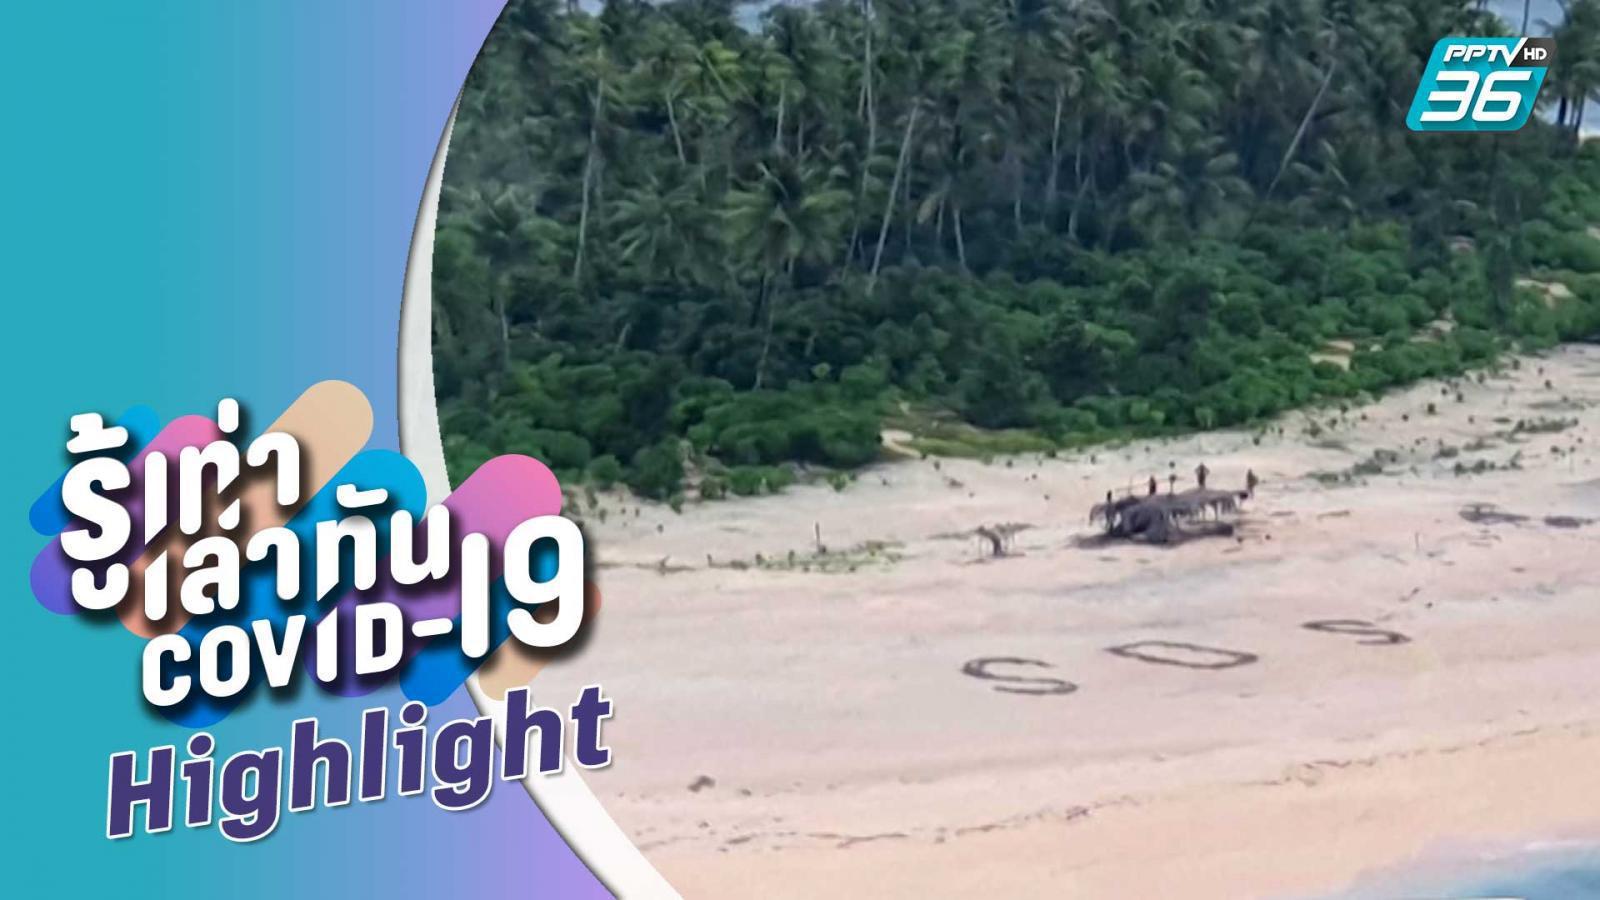 บางกอกซิตี้ เลขที่ 36 | ช่วยนักเดินเรือติดเกาะร้างในแปซิฟิก เขียนสัญญาณ SOS บนหาด | PPTV HD 36